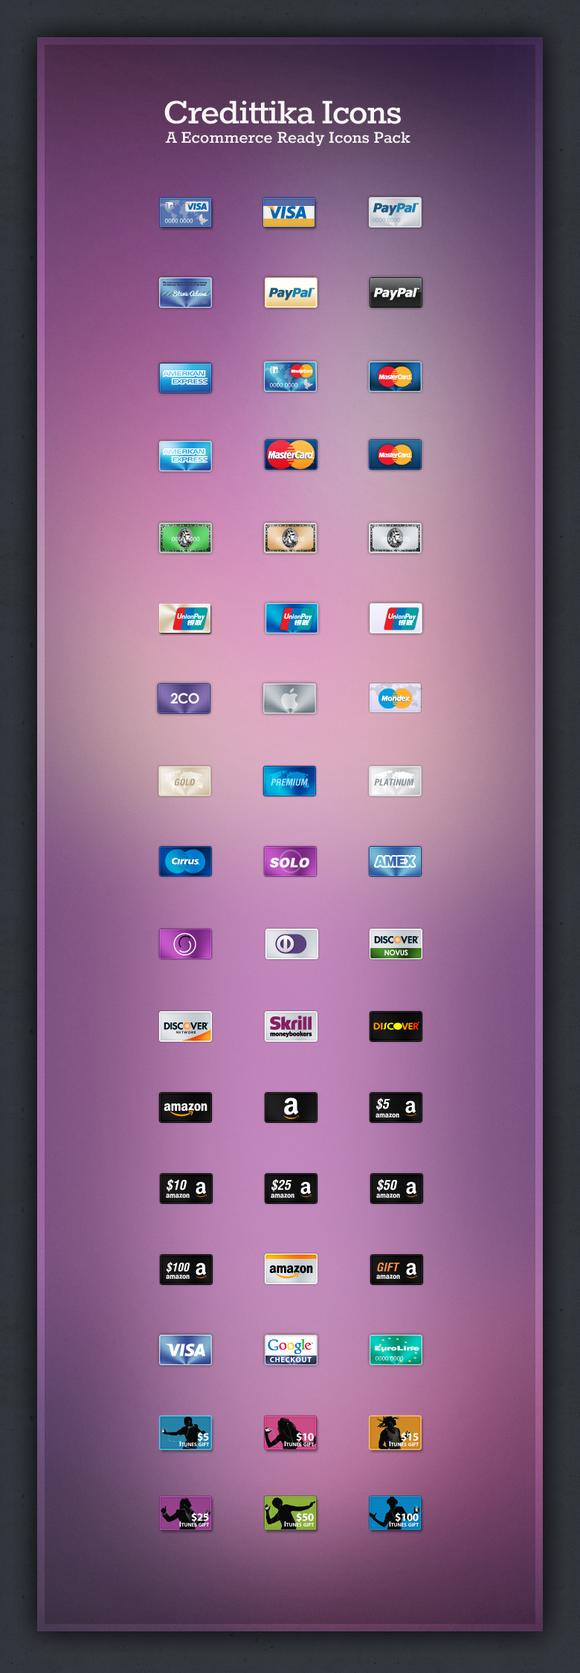 Credittika Ecommerce Icons